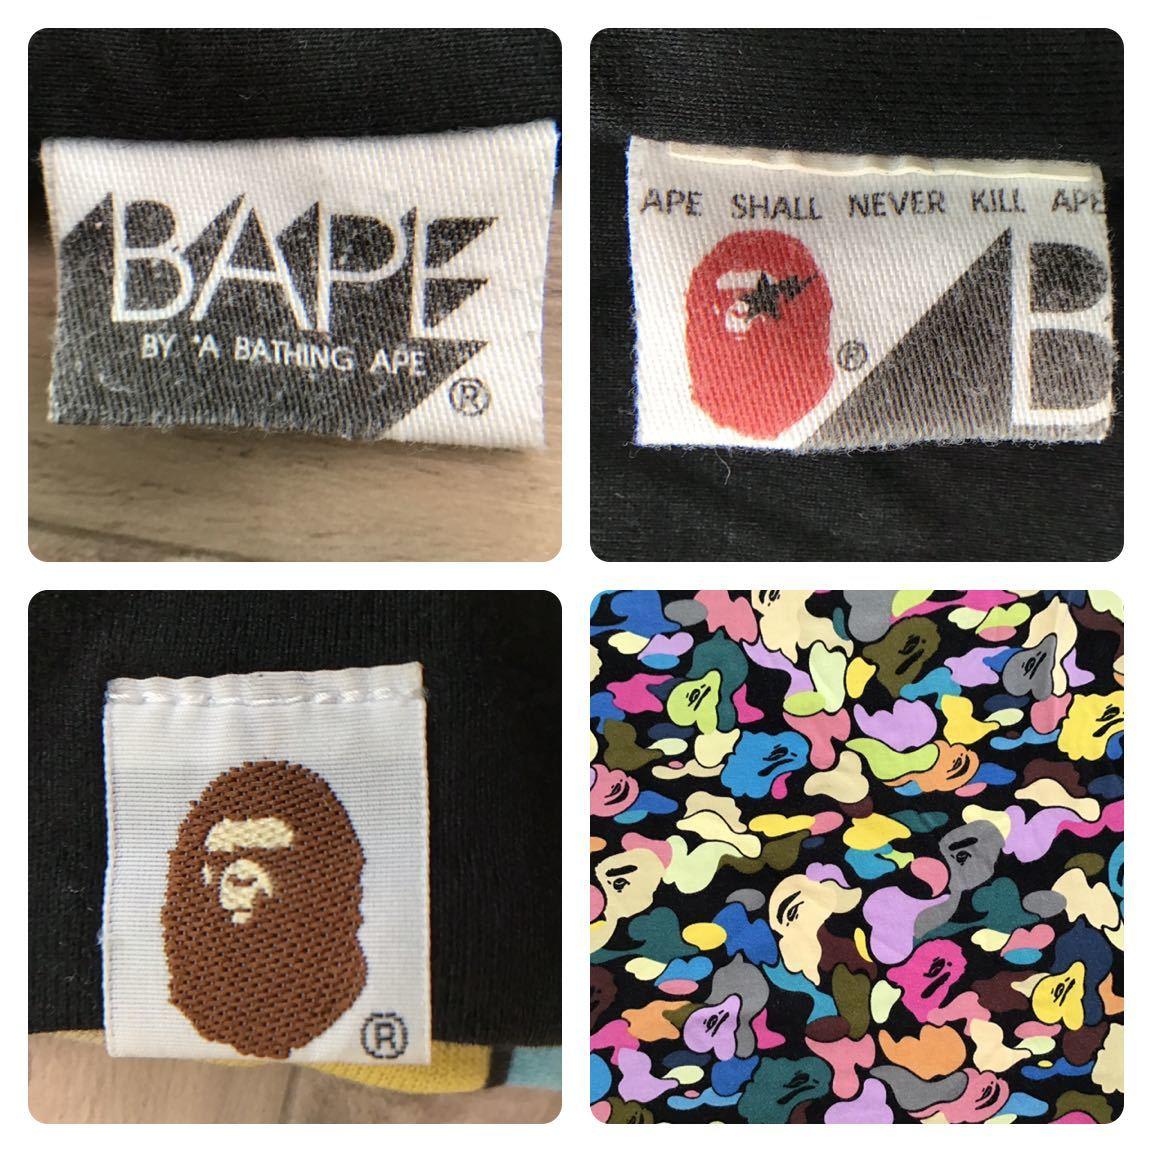 ★リバーシブル★ マルチカモ 長袖 Tシャツ a bathing ape bape multi camo エイプ ベイプ アベイシングエイプ college logo reversible 27